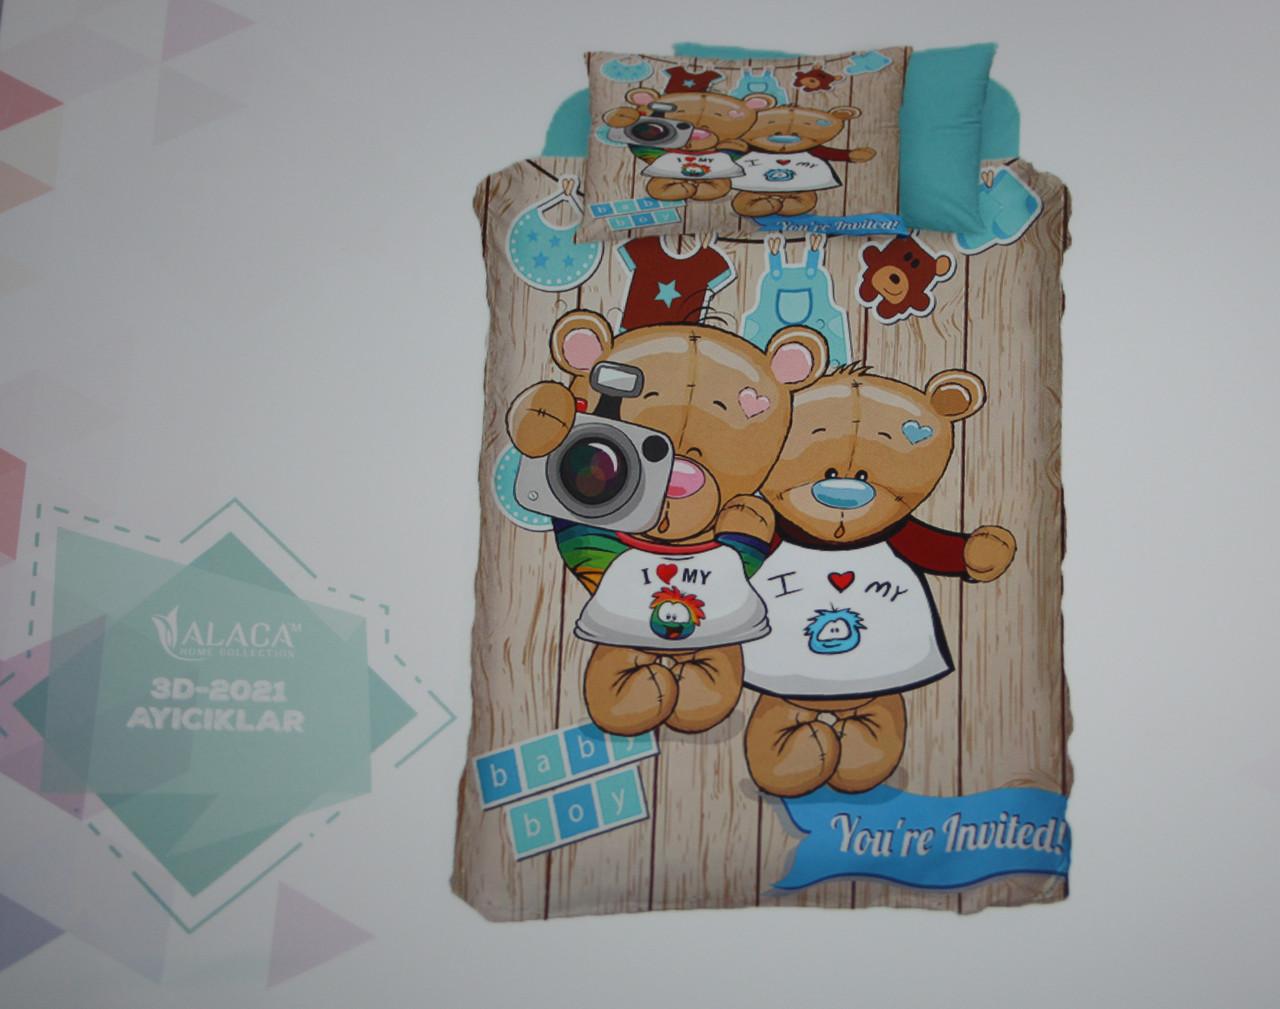 Детское постельное белье Alaca 3D Ayiciklar